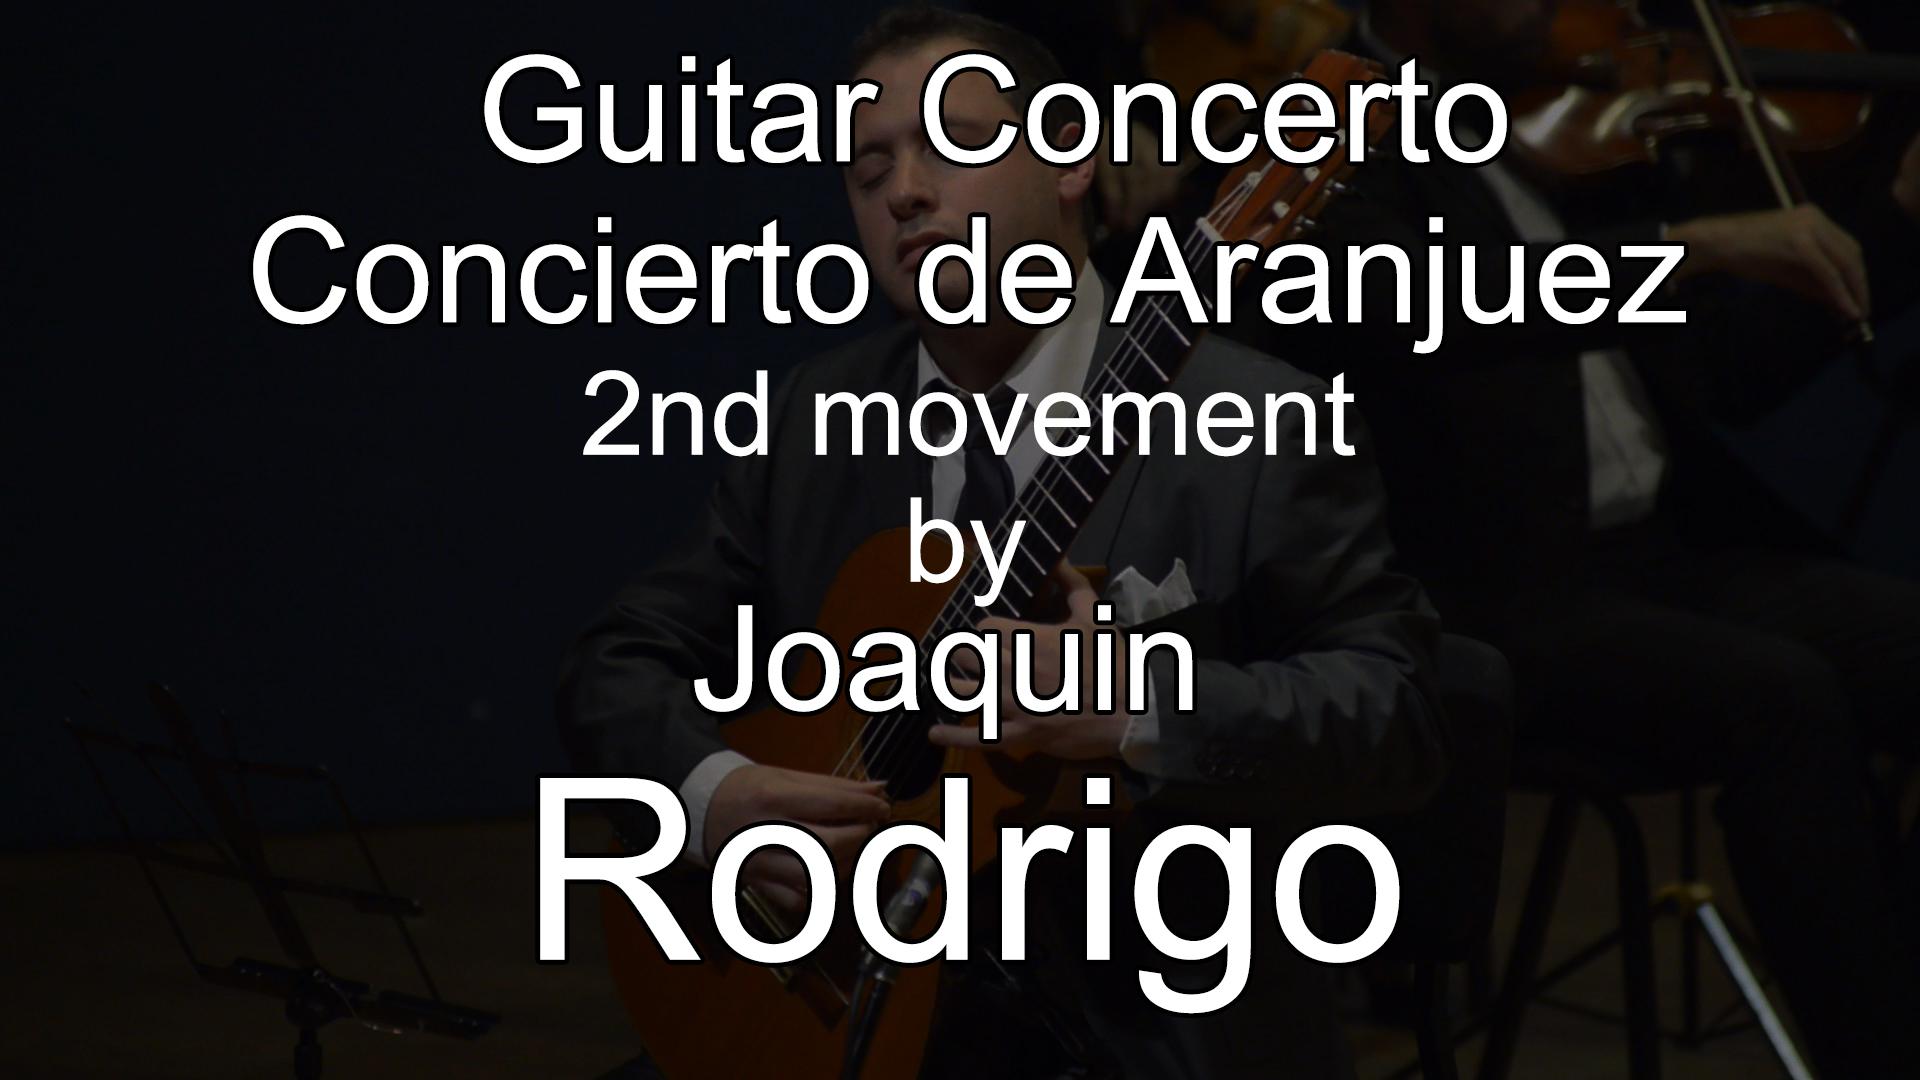 Guitar Concerto - Concierto de Aranjuez by Joaquín Rodrigo